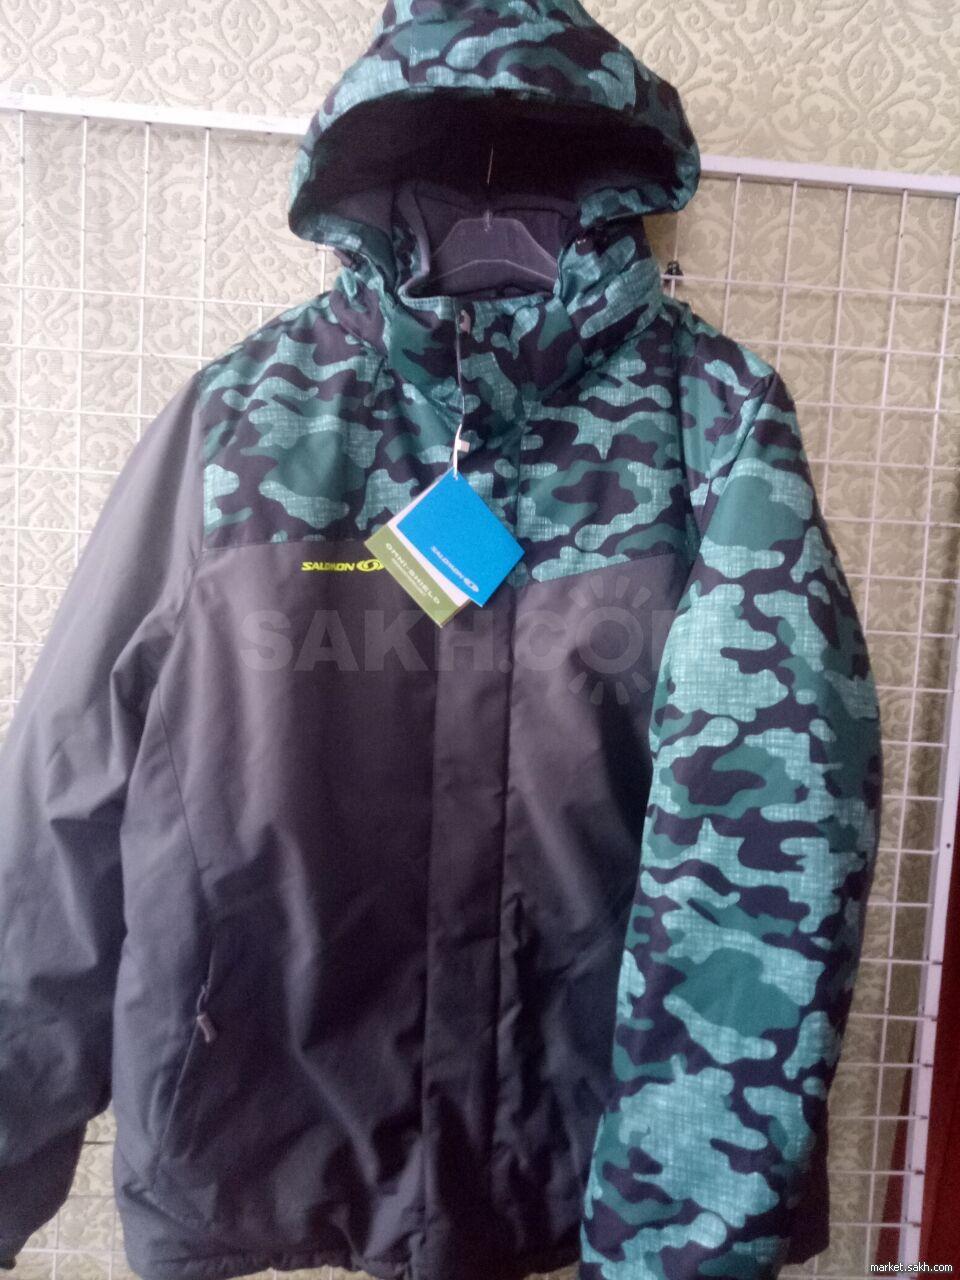 8e69d1fb878b Продам мужские костюмы.Фирма Salomon - 6000 руб. Одежда, обувь и ...